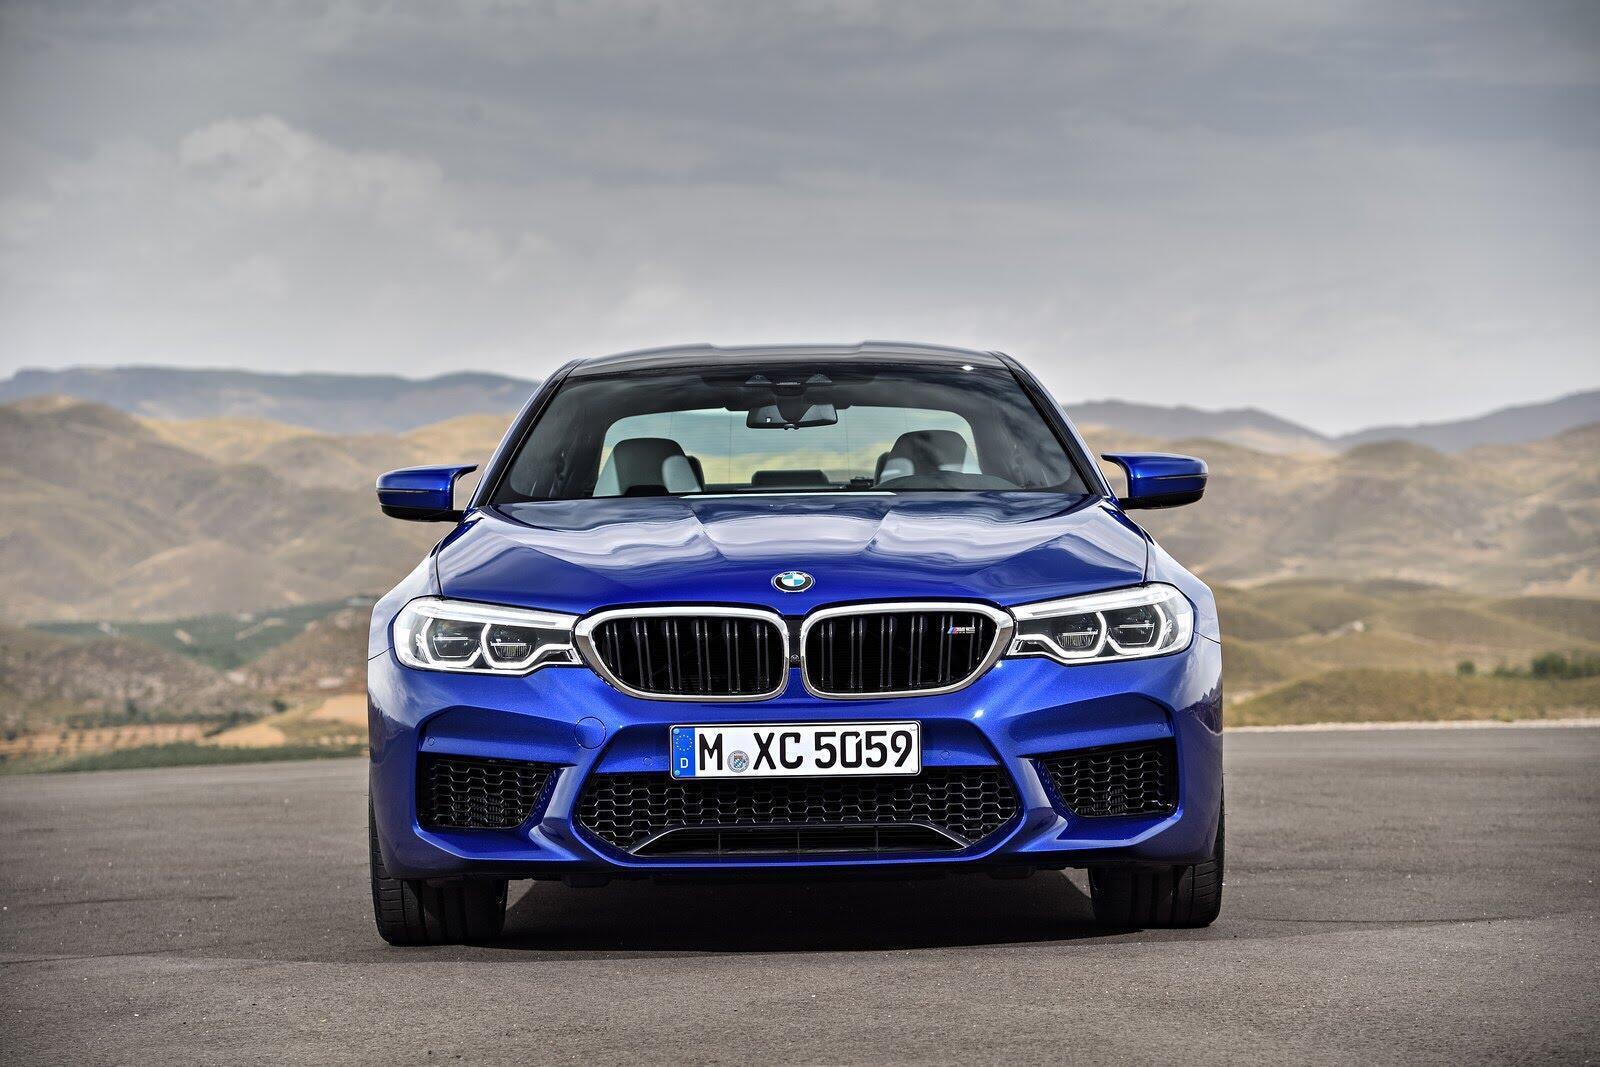 BMW M5 2018 chính thức trình làng với 600 mã lực - Hình 6